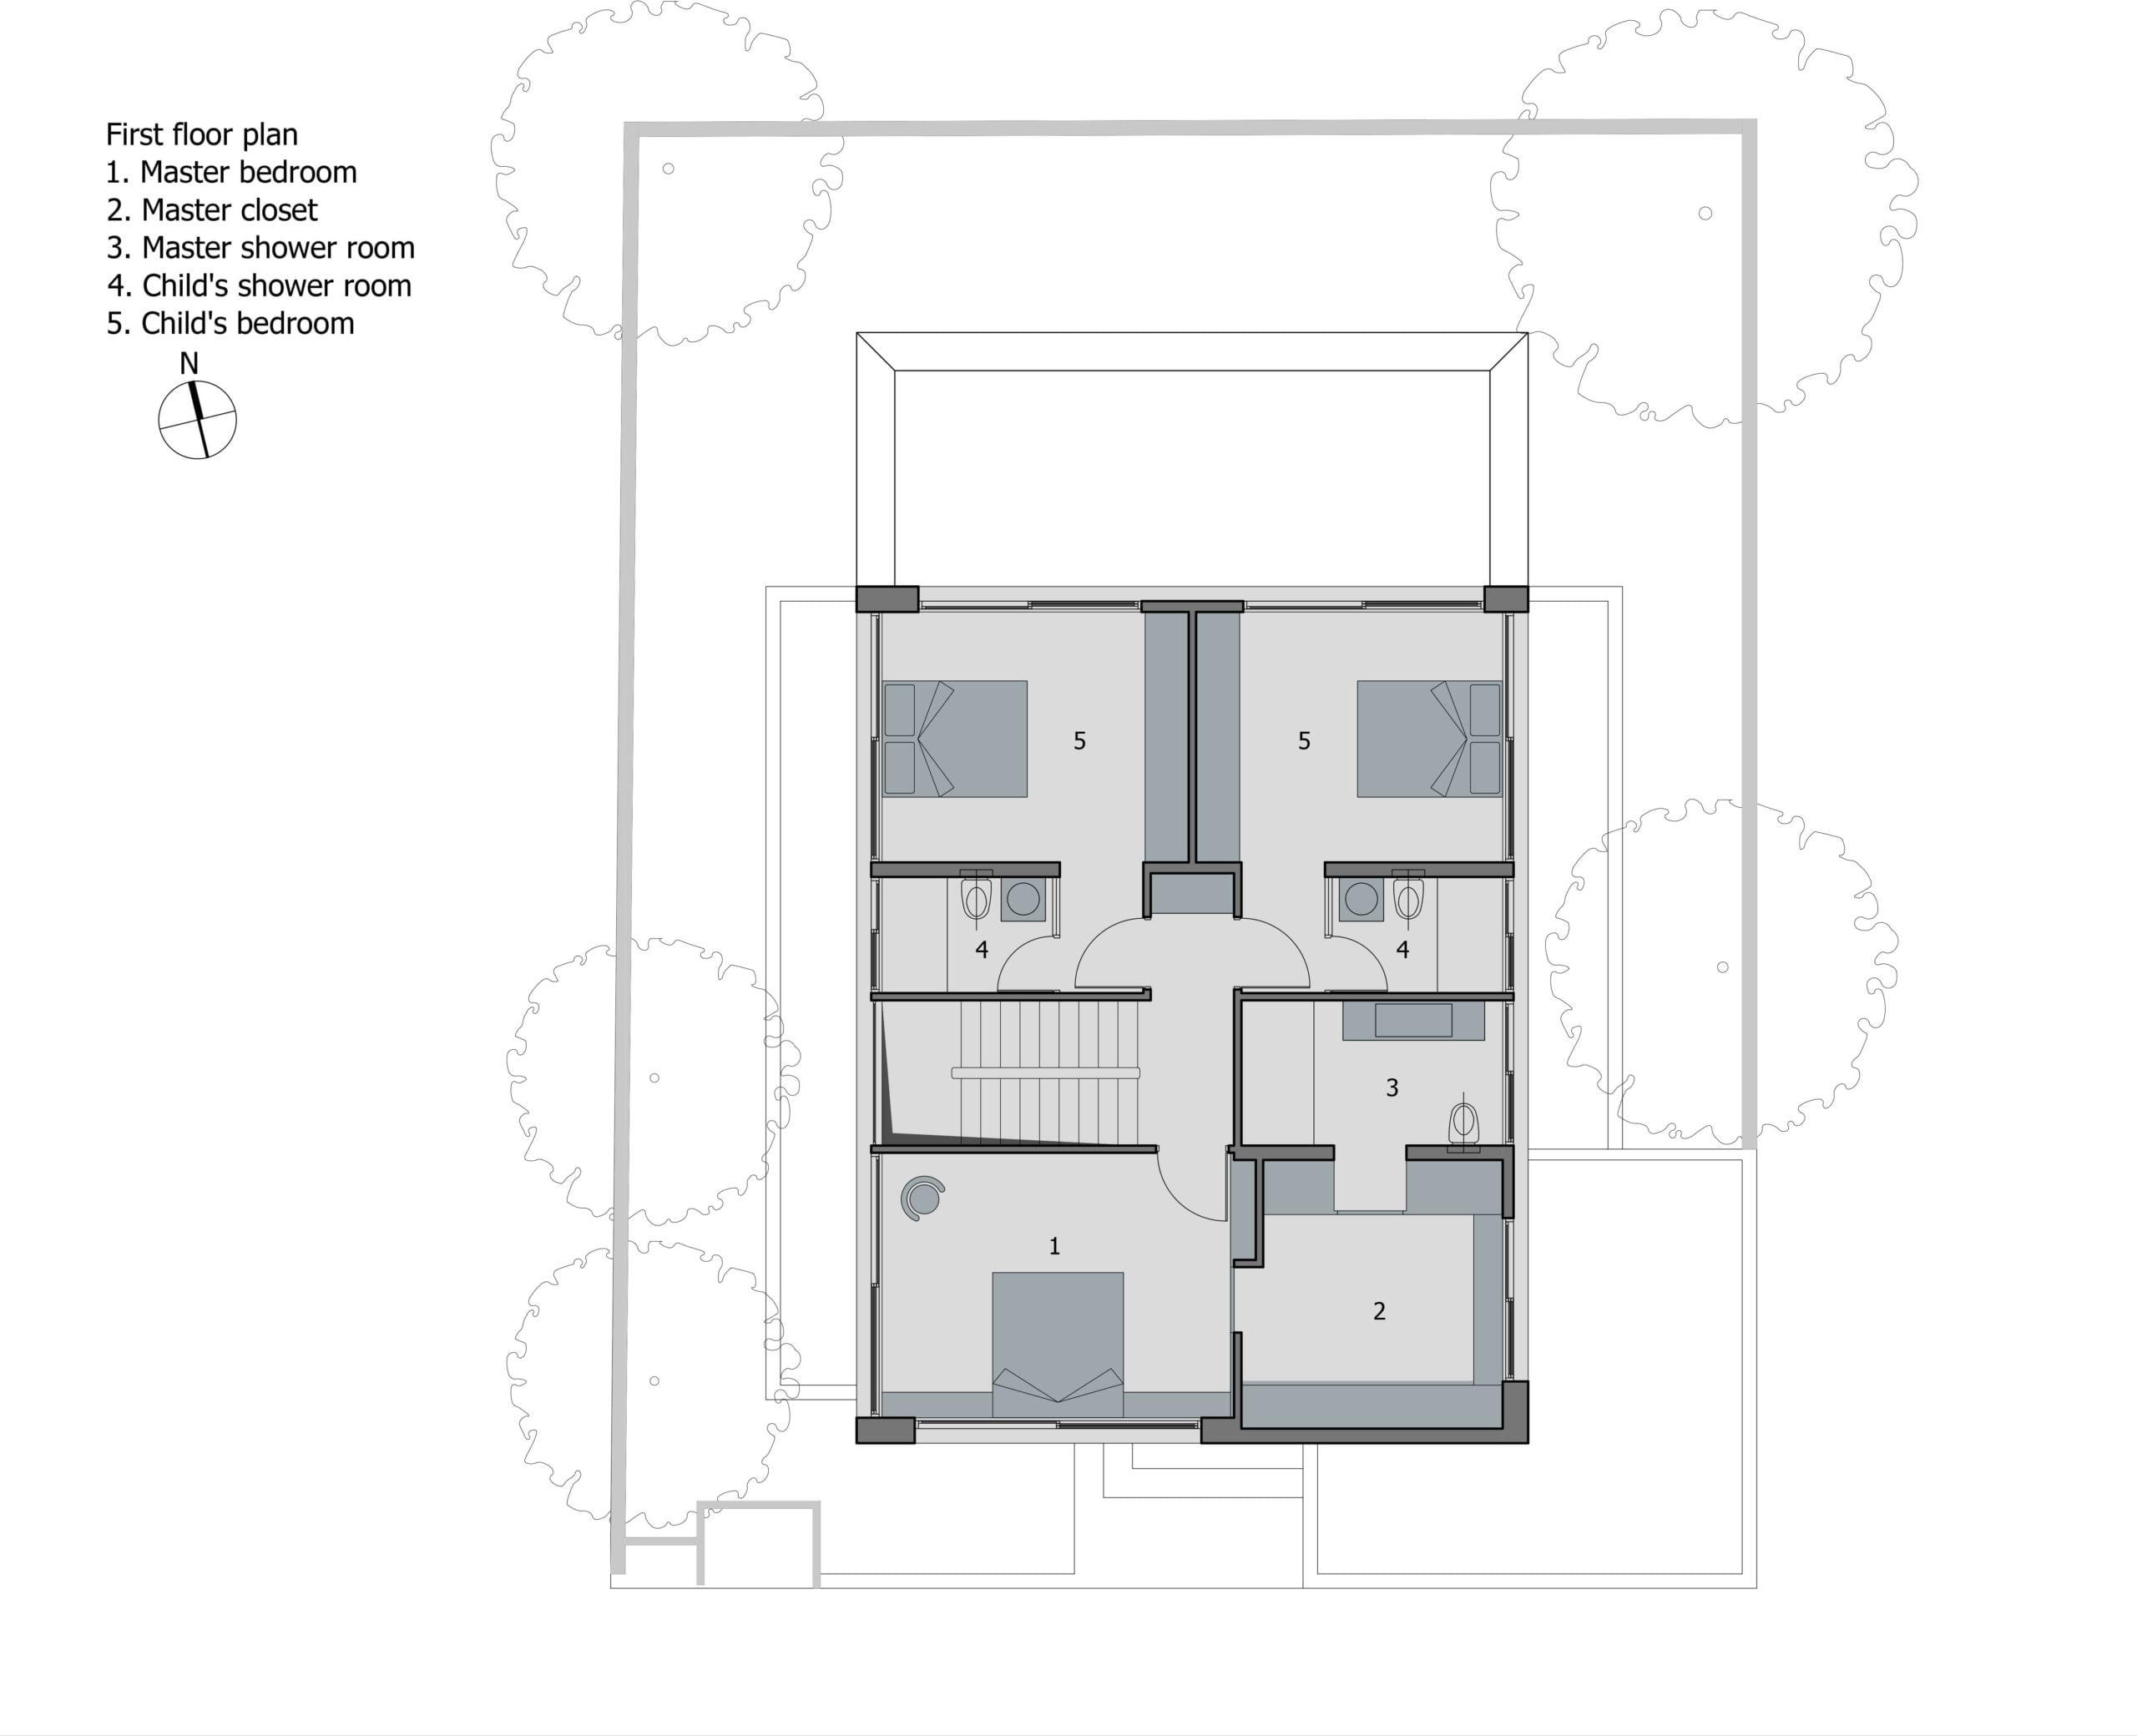 biệt thự 2 tầng 300m2